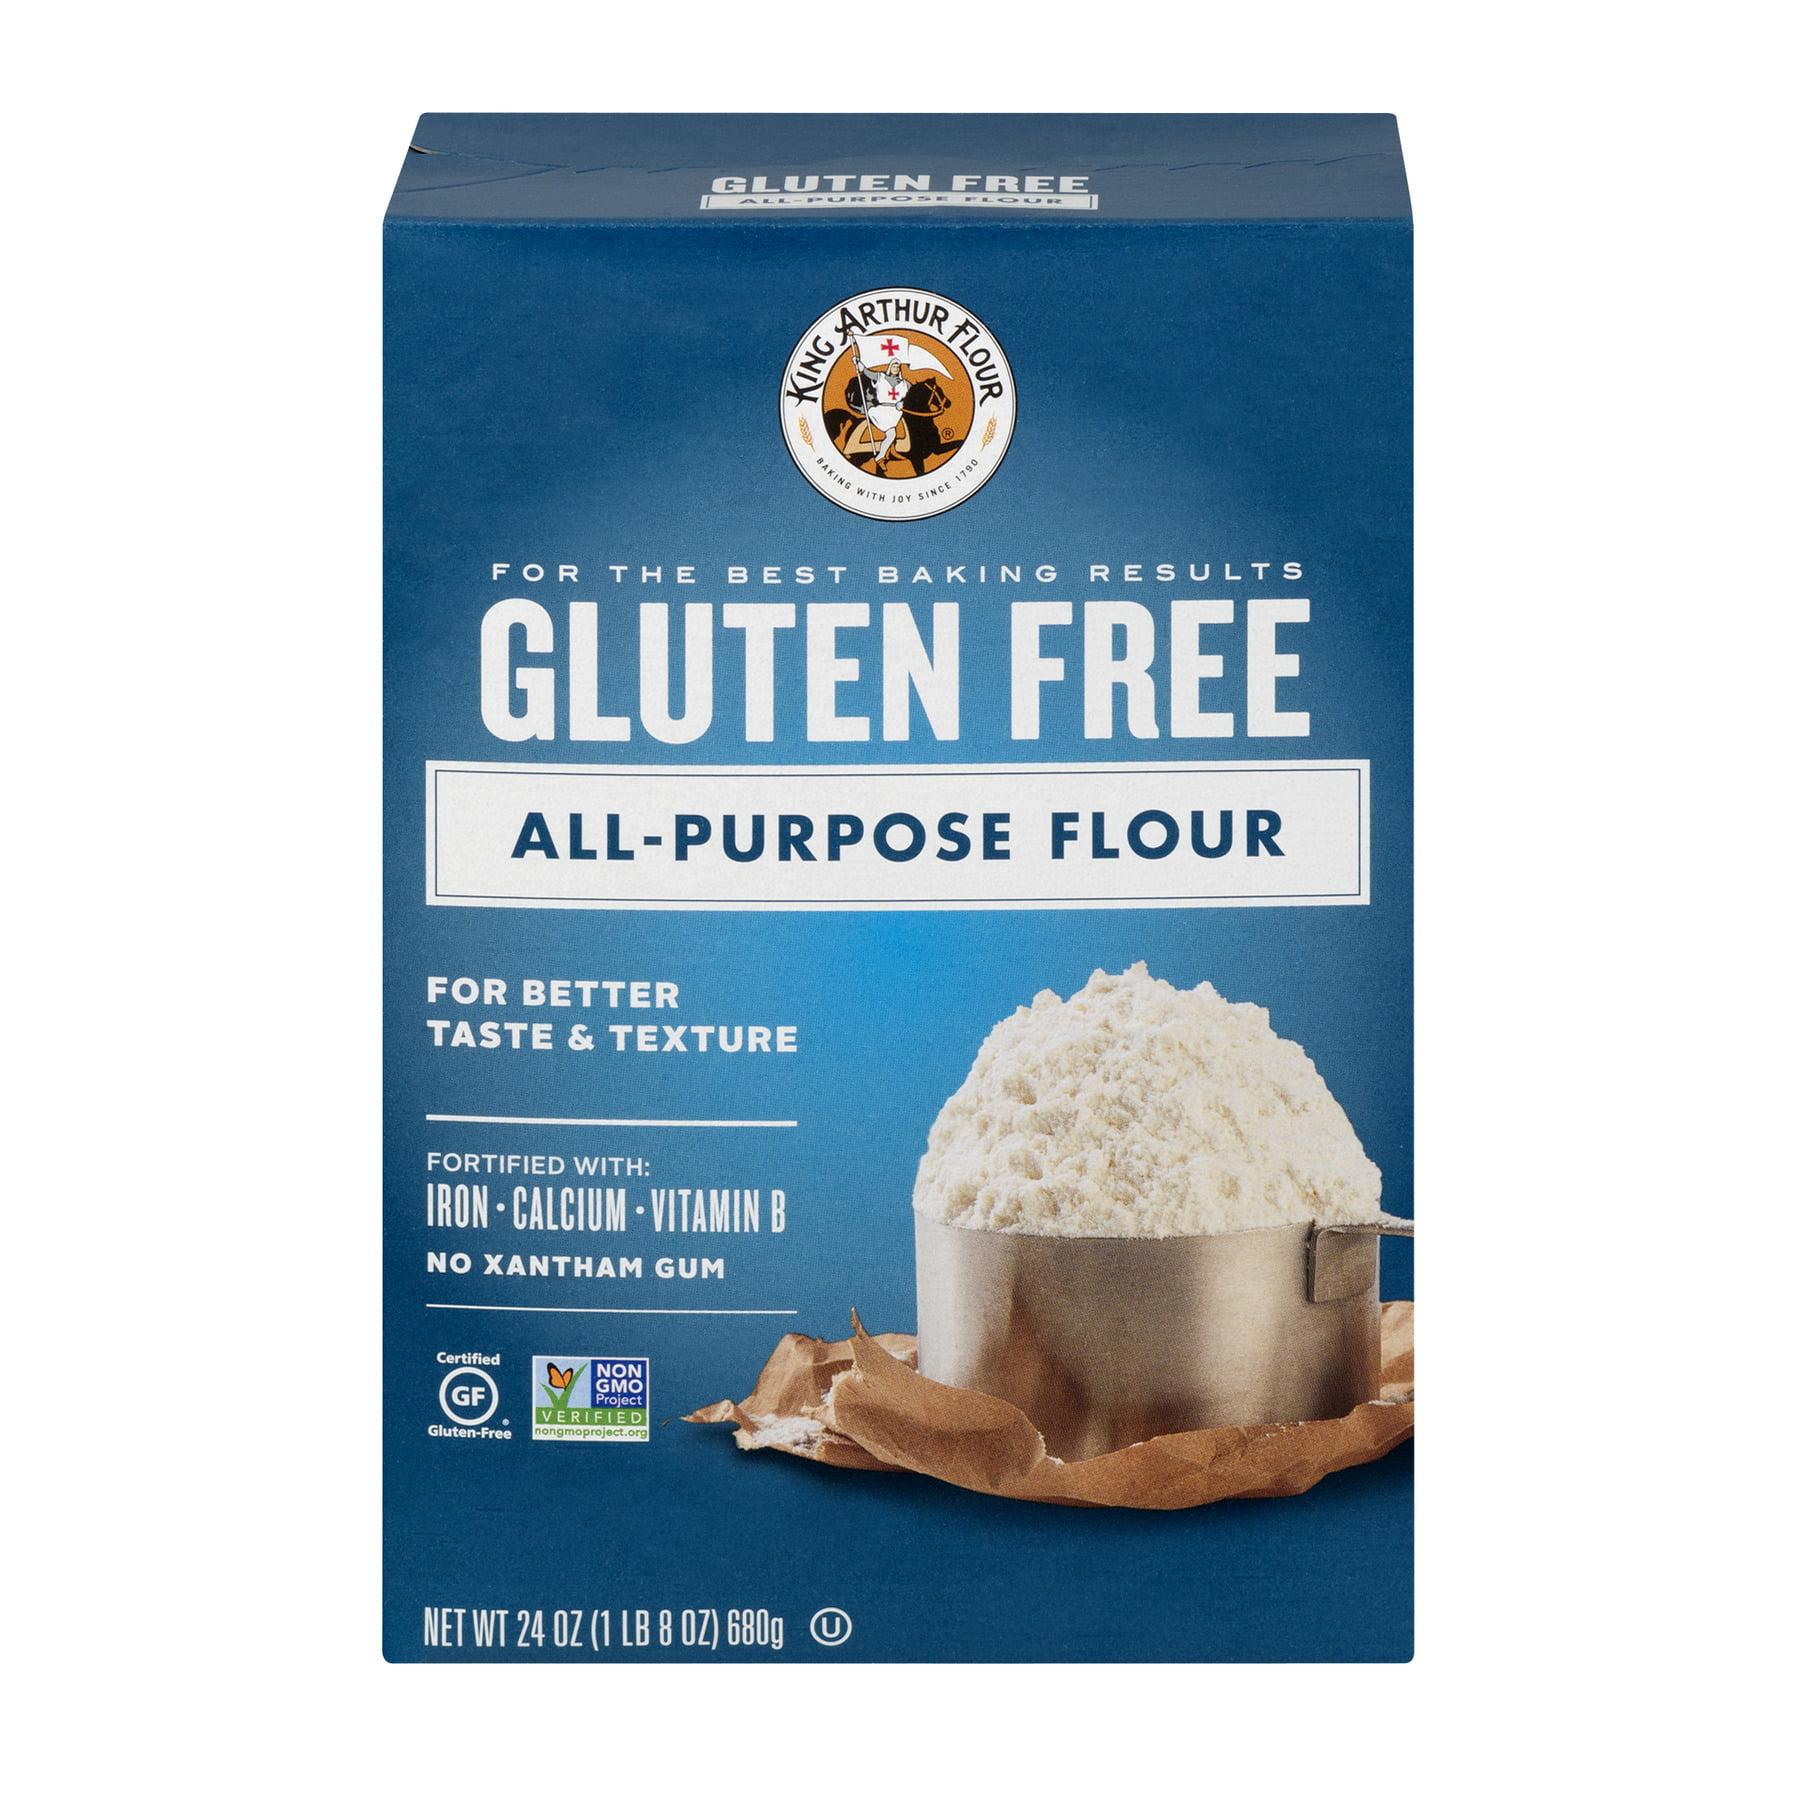 King Arthur Flour Gluten Free Multi-Purpose Flour 24 oz. Box